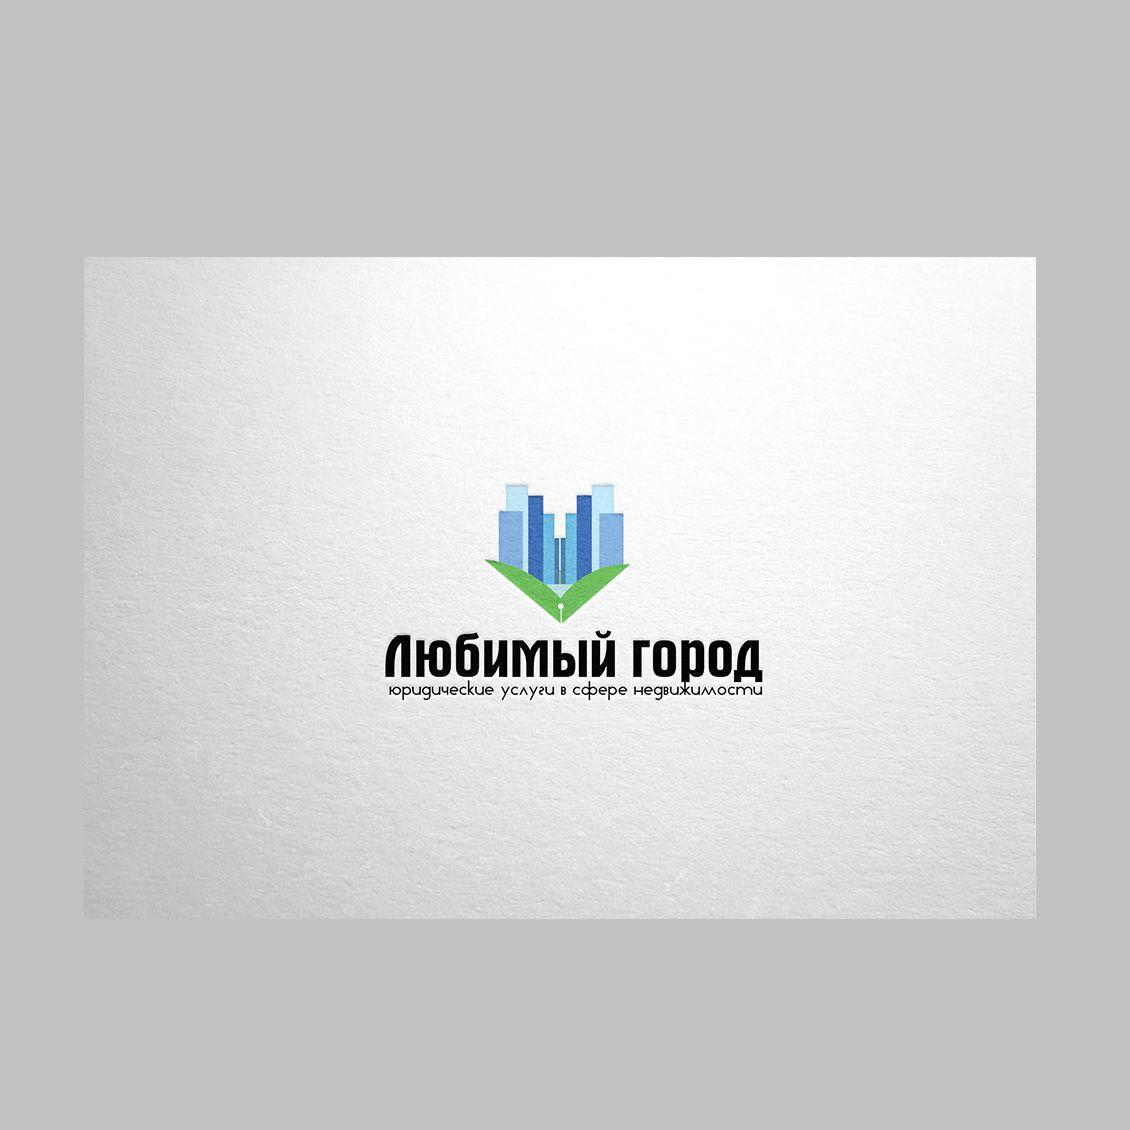 Лого для агентства недвиж и юридических услуг - дизайнер SmolinDenis